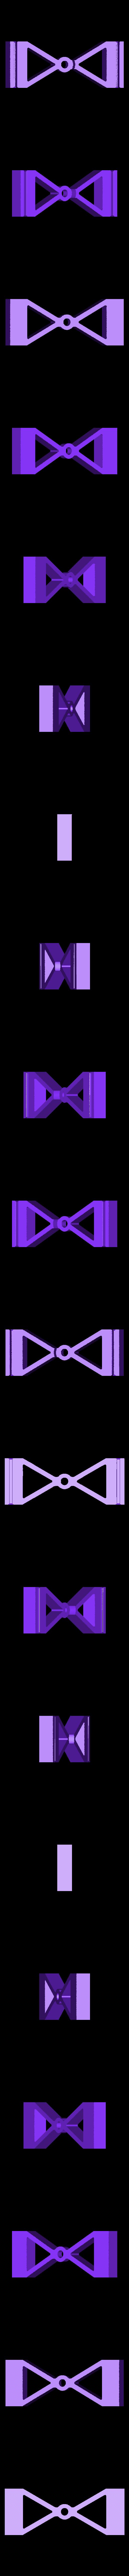 Lager2.stl Download free STL file Column Buckling (Euler Buckling) • 3D printable object, medmakes